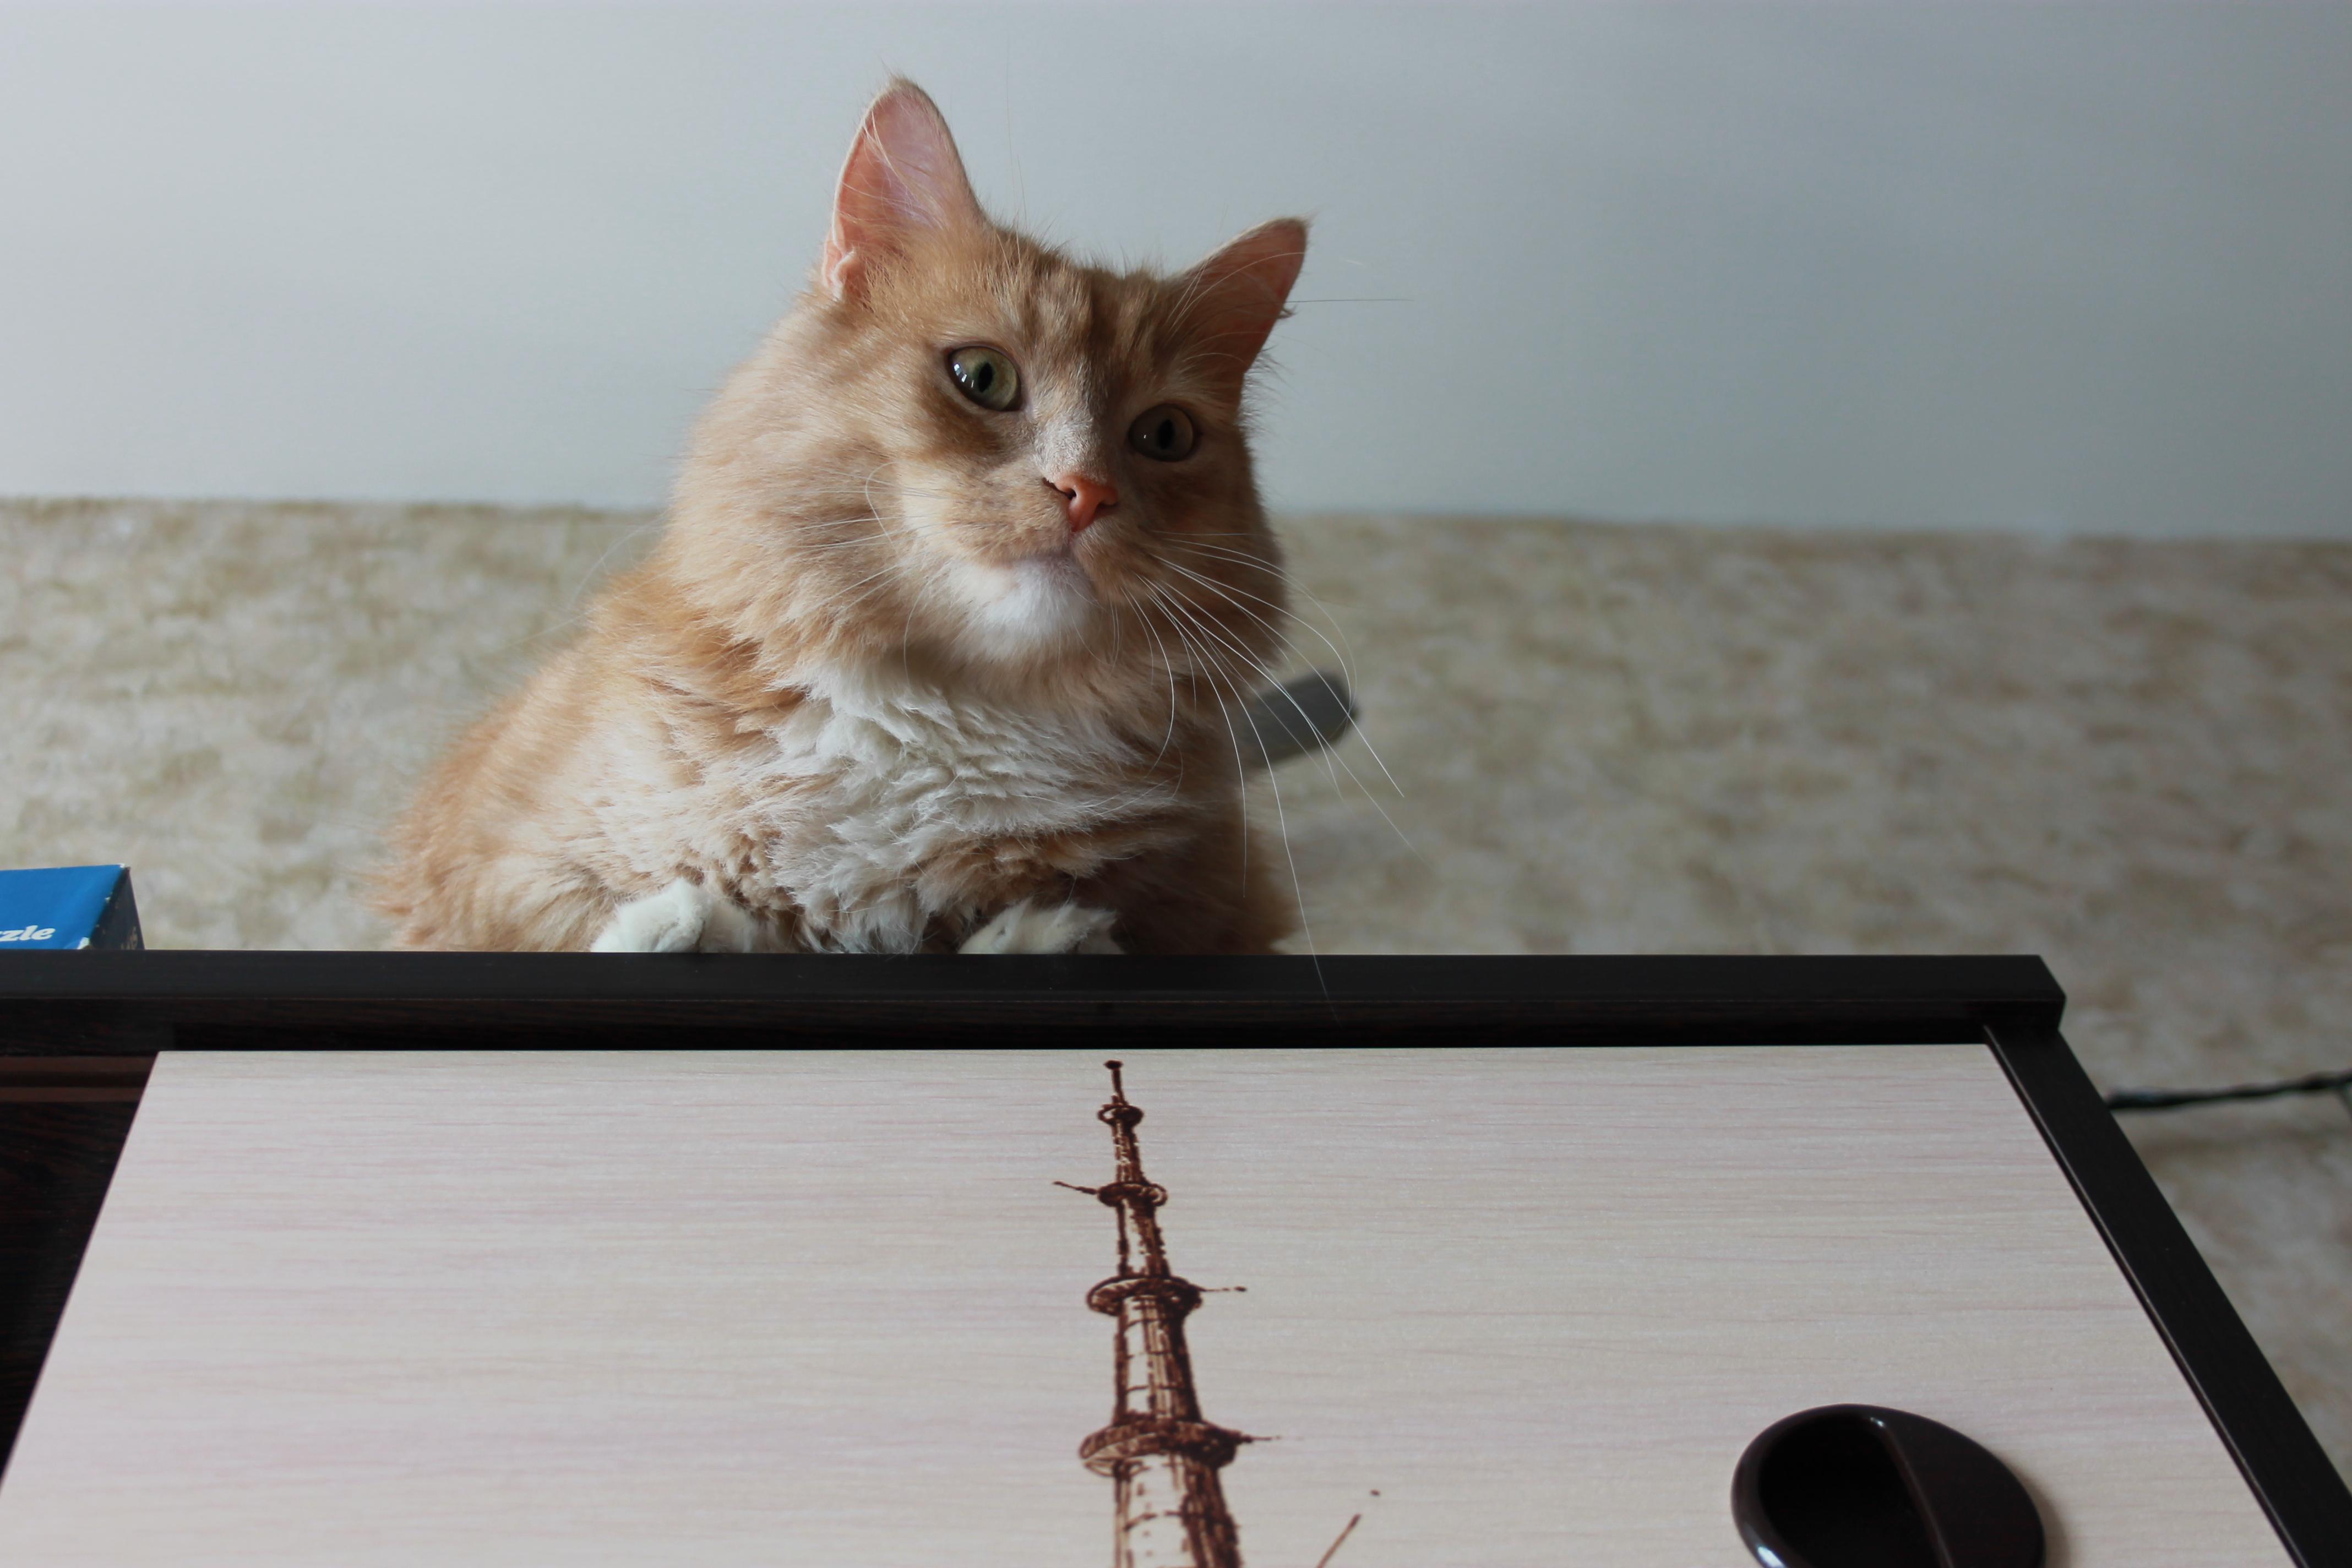 Я кот который сидит на шкафу